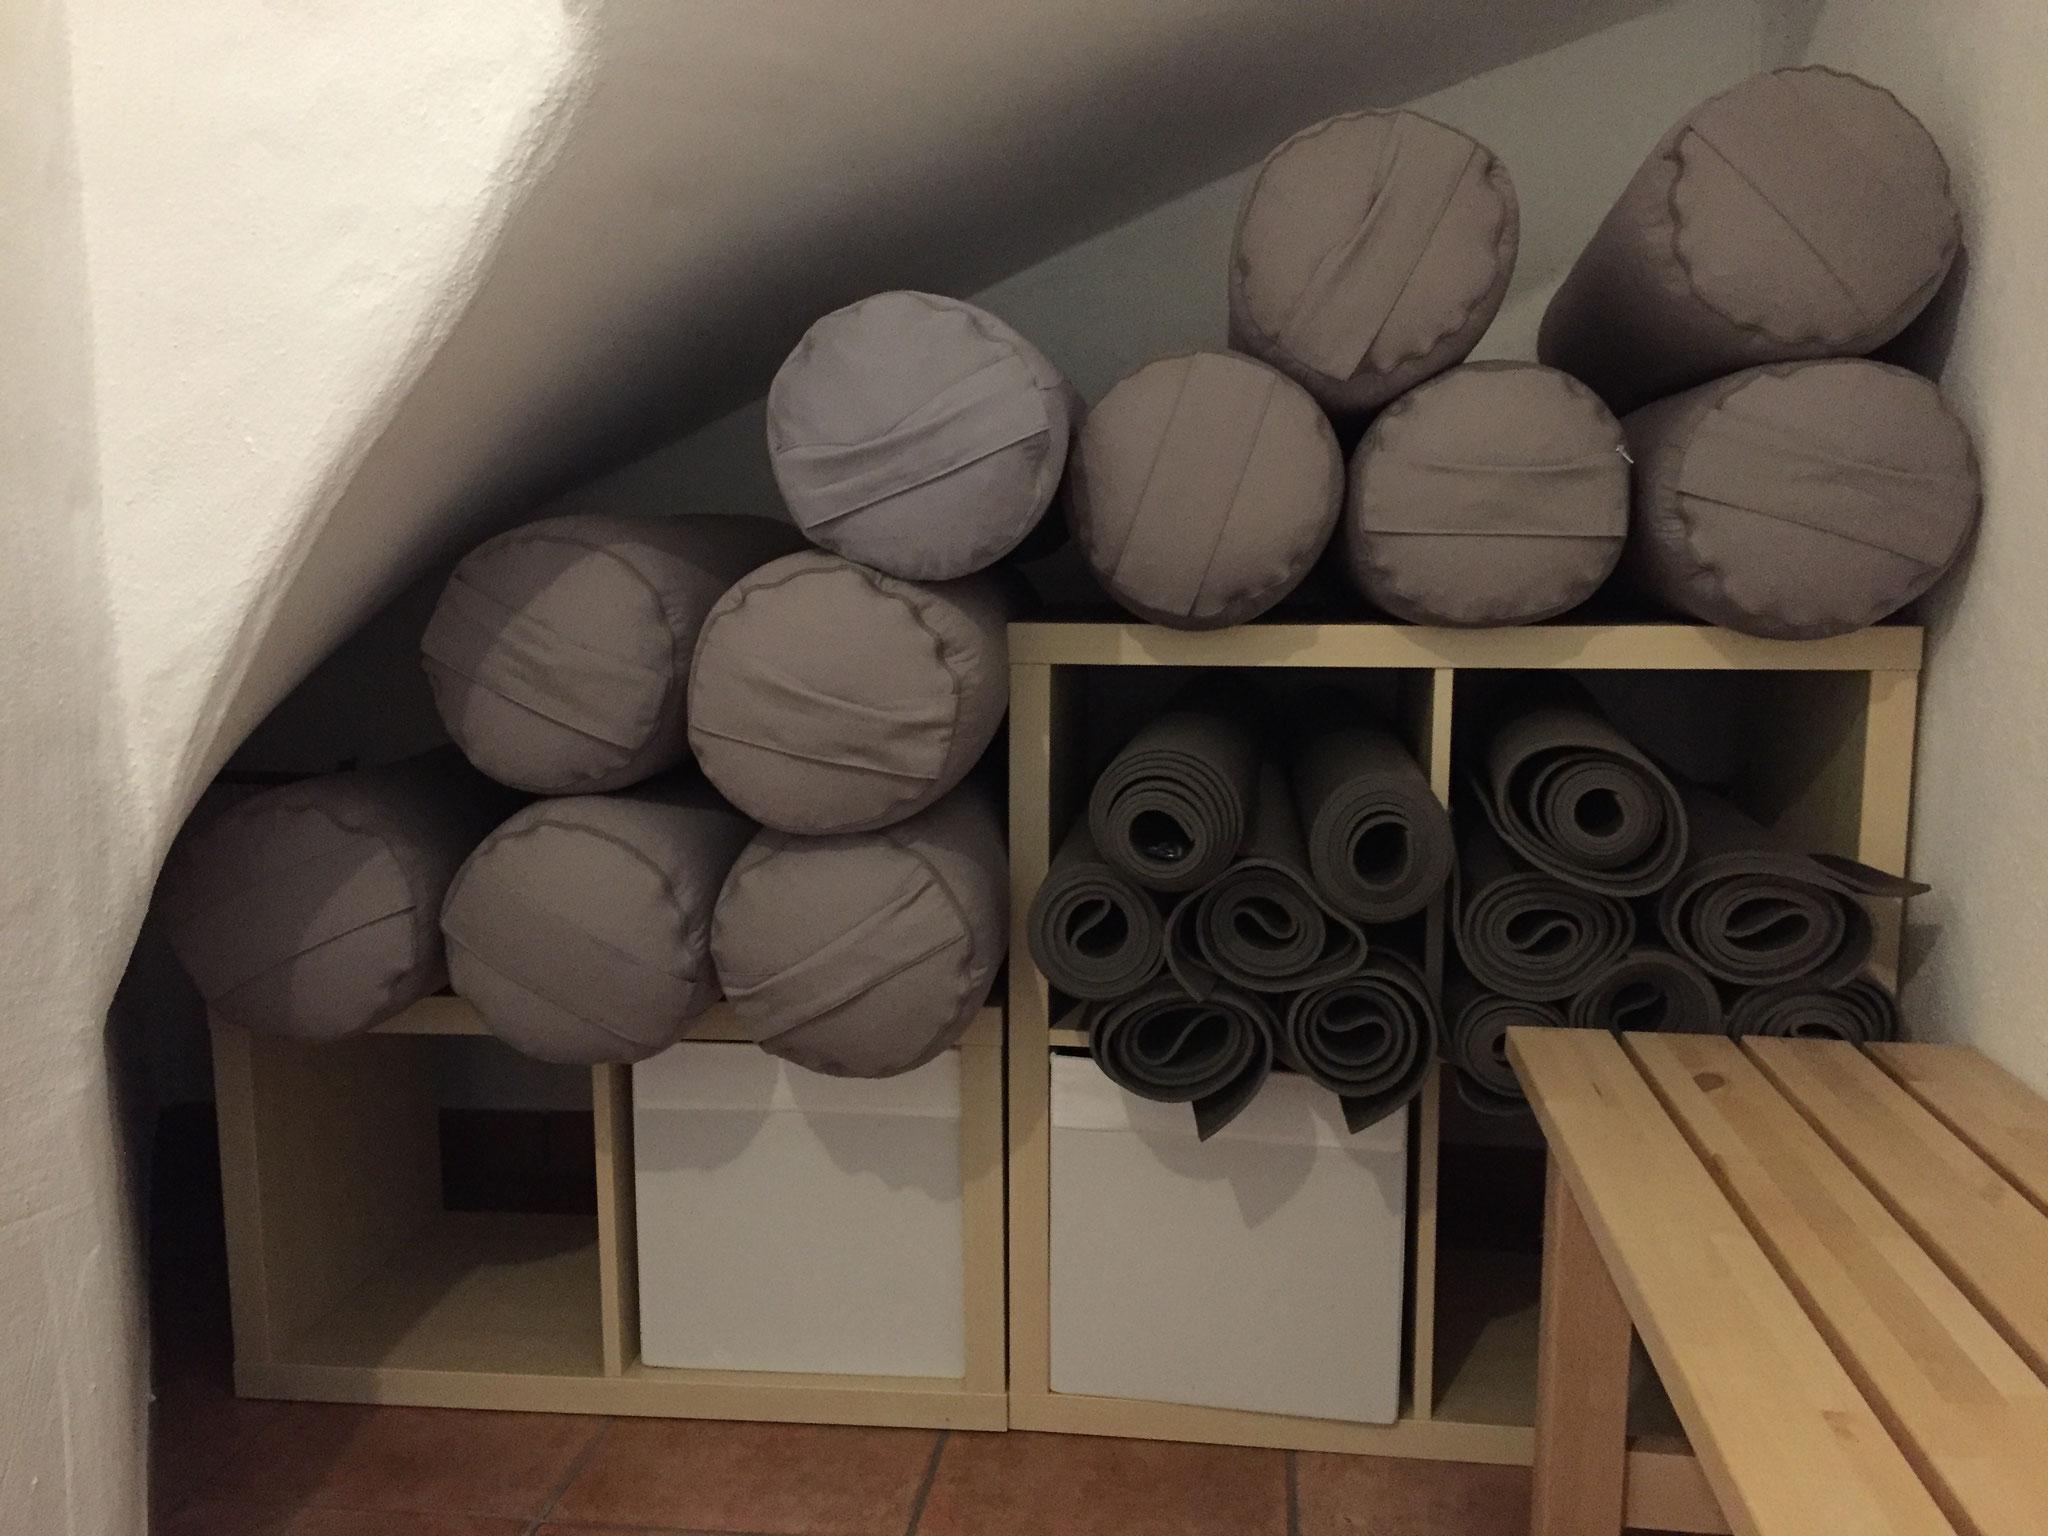 Yogamatten, Bolster und weiteres Yoga-Equipment ist vorhanden